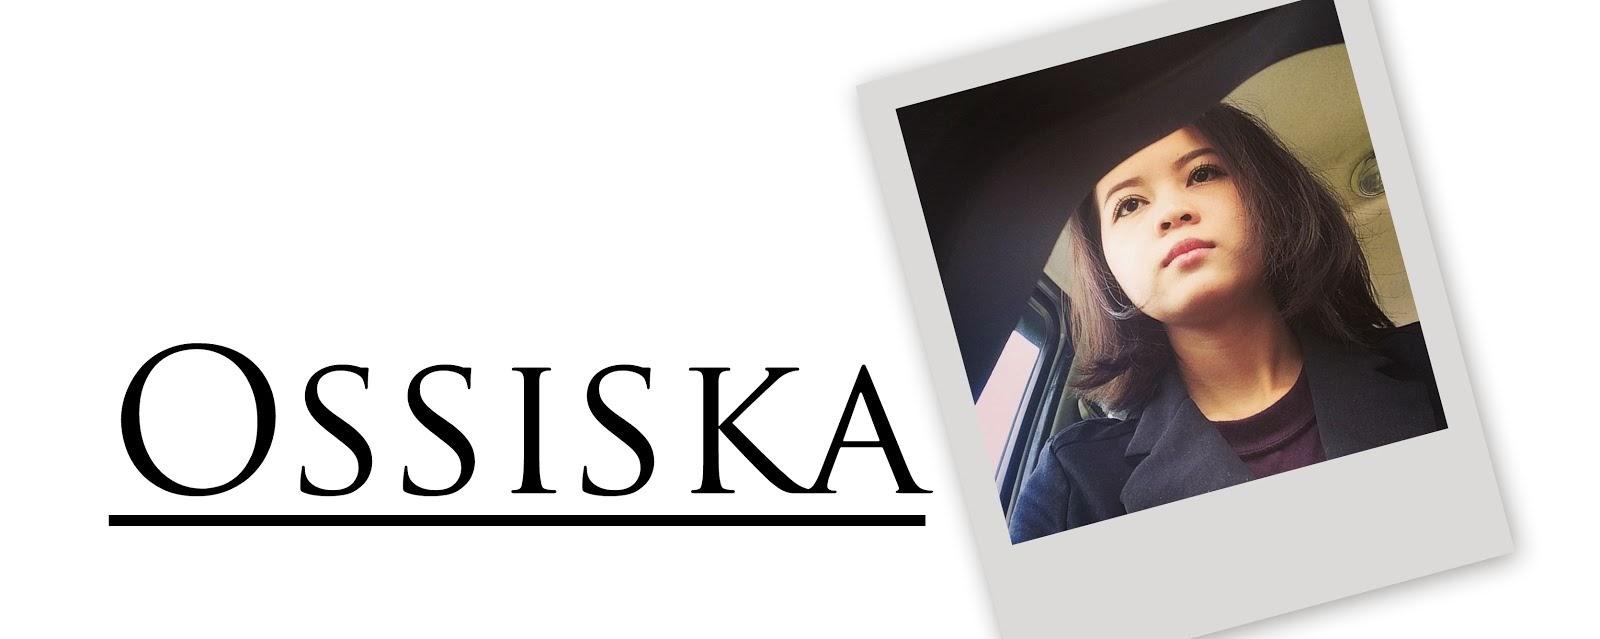 Ossiska